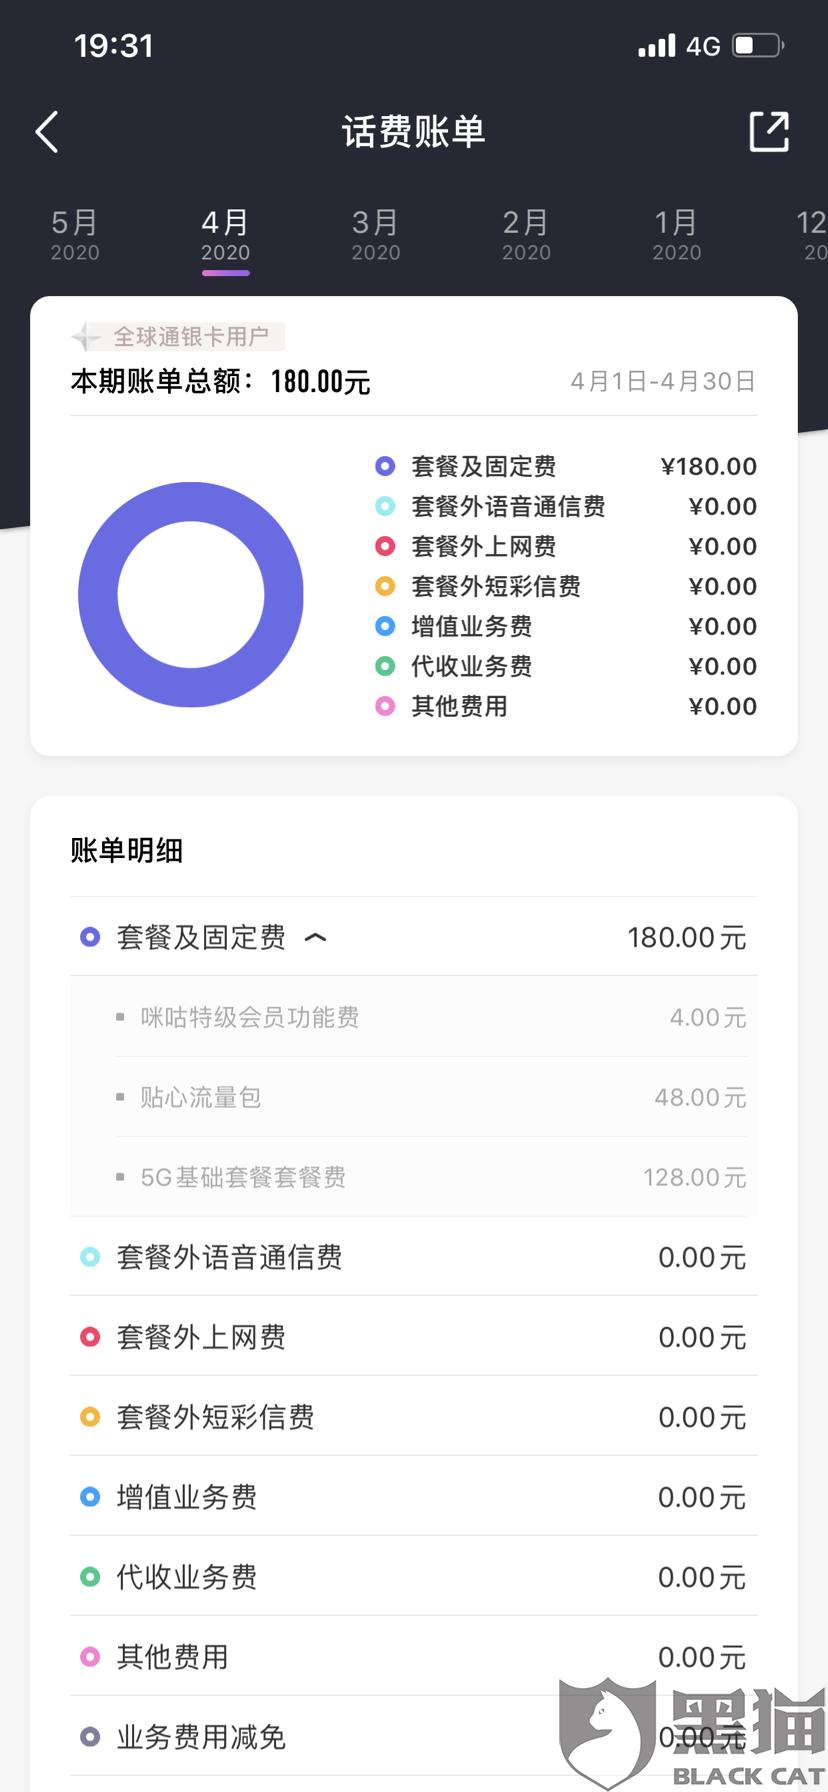 黑猫投诉:中国移动诱导更换5G套餐后手机不支持5G网无法使用